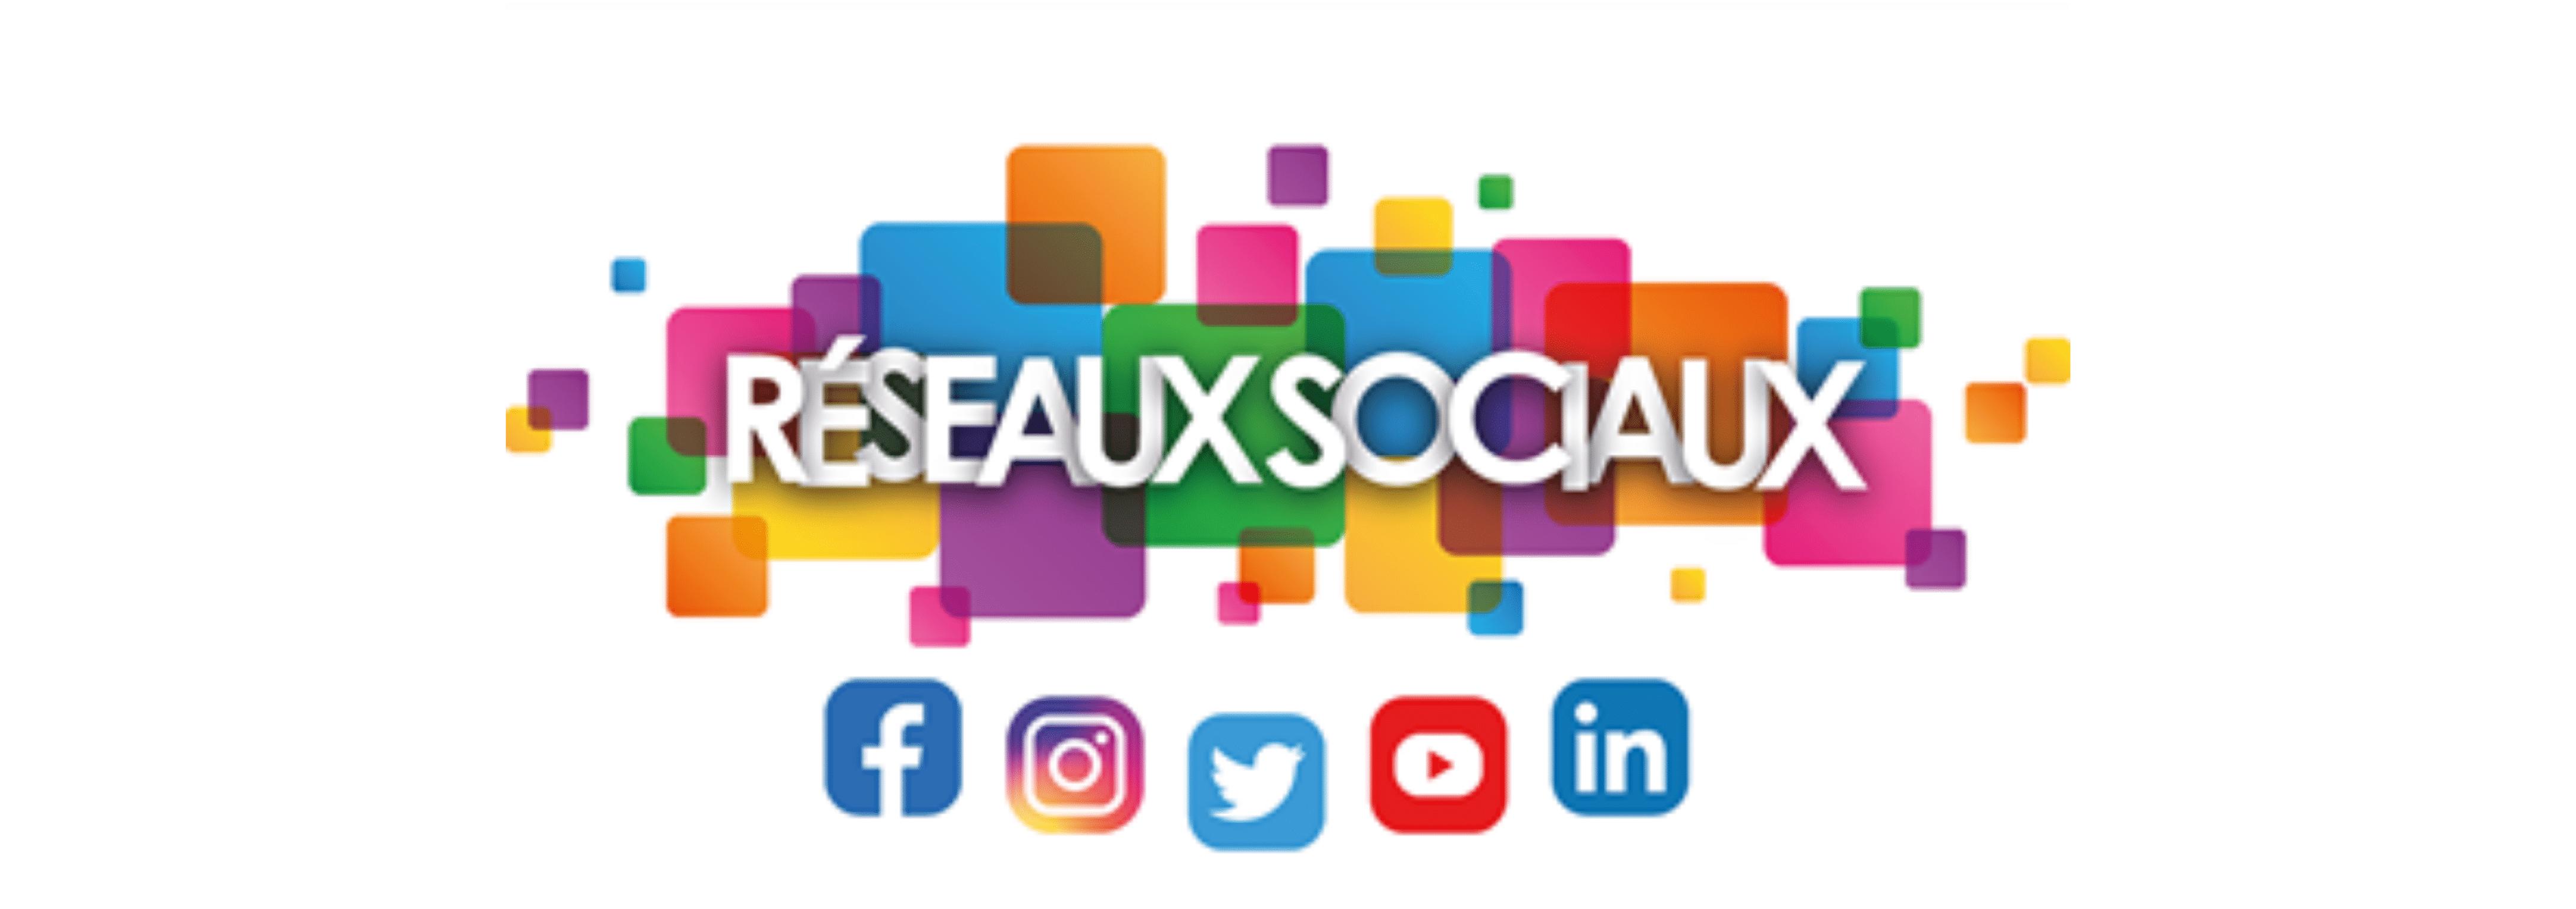 Intégrer réseaux sociaux by Searchbooster